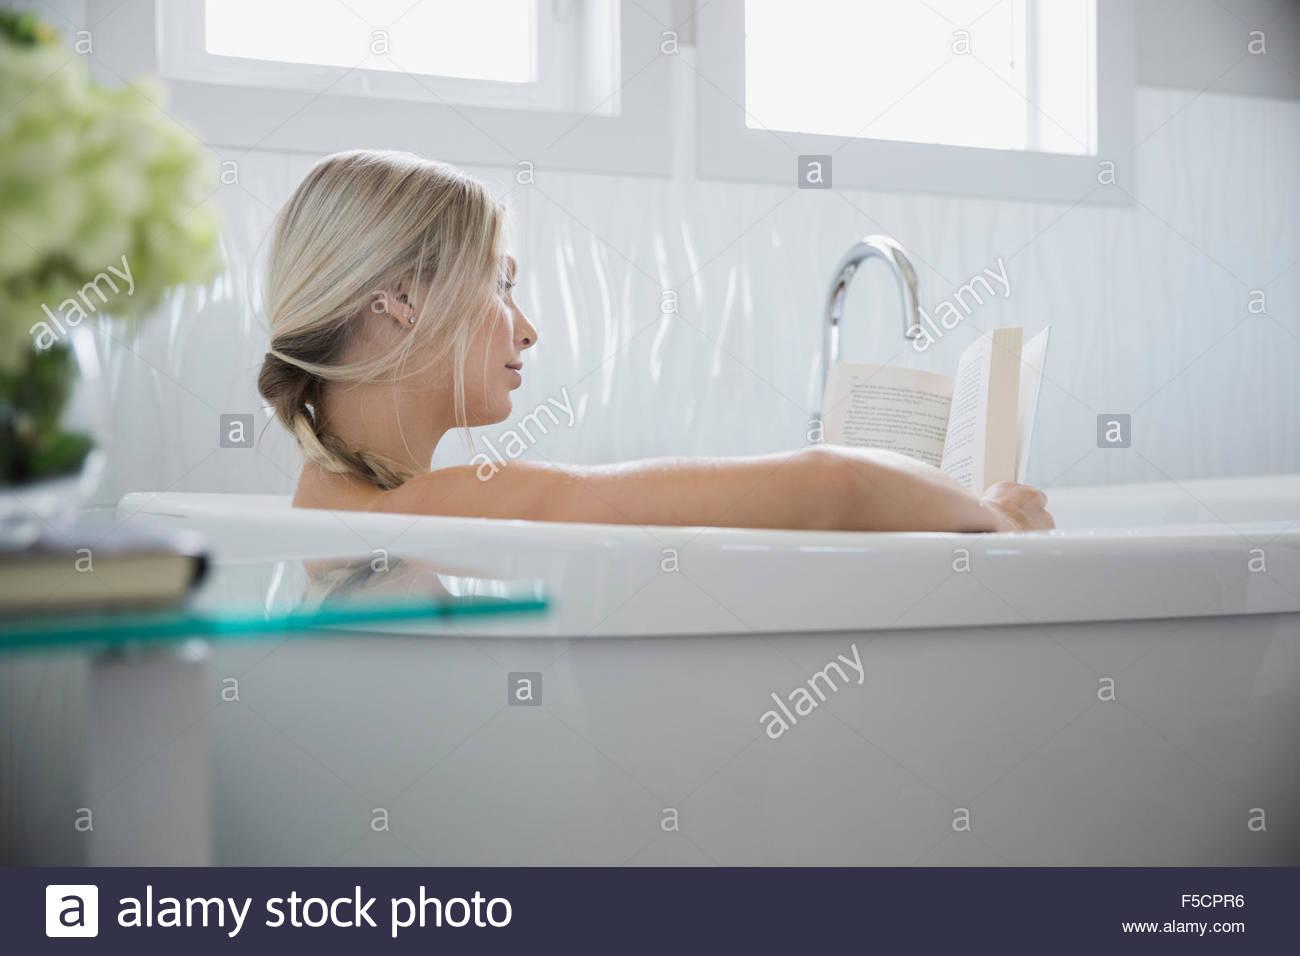 Vasca Da Bagno Relax : La donna la lettura e il relax nella vasca da bagno foto & immagine